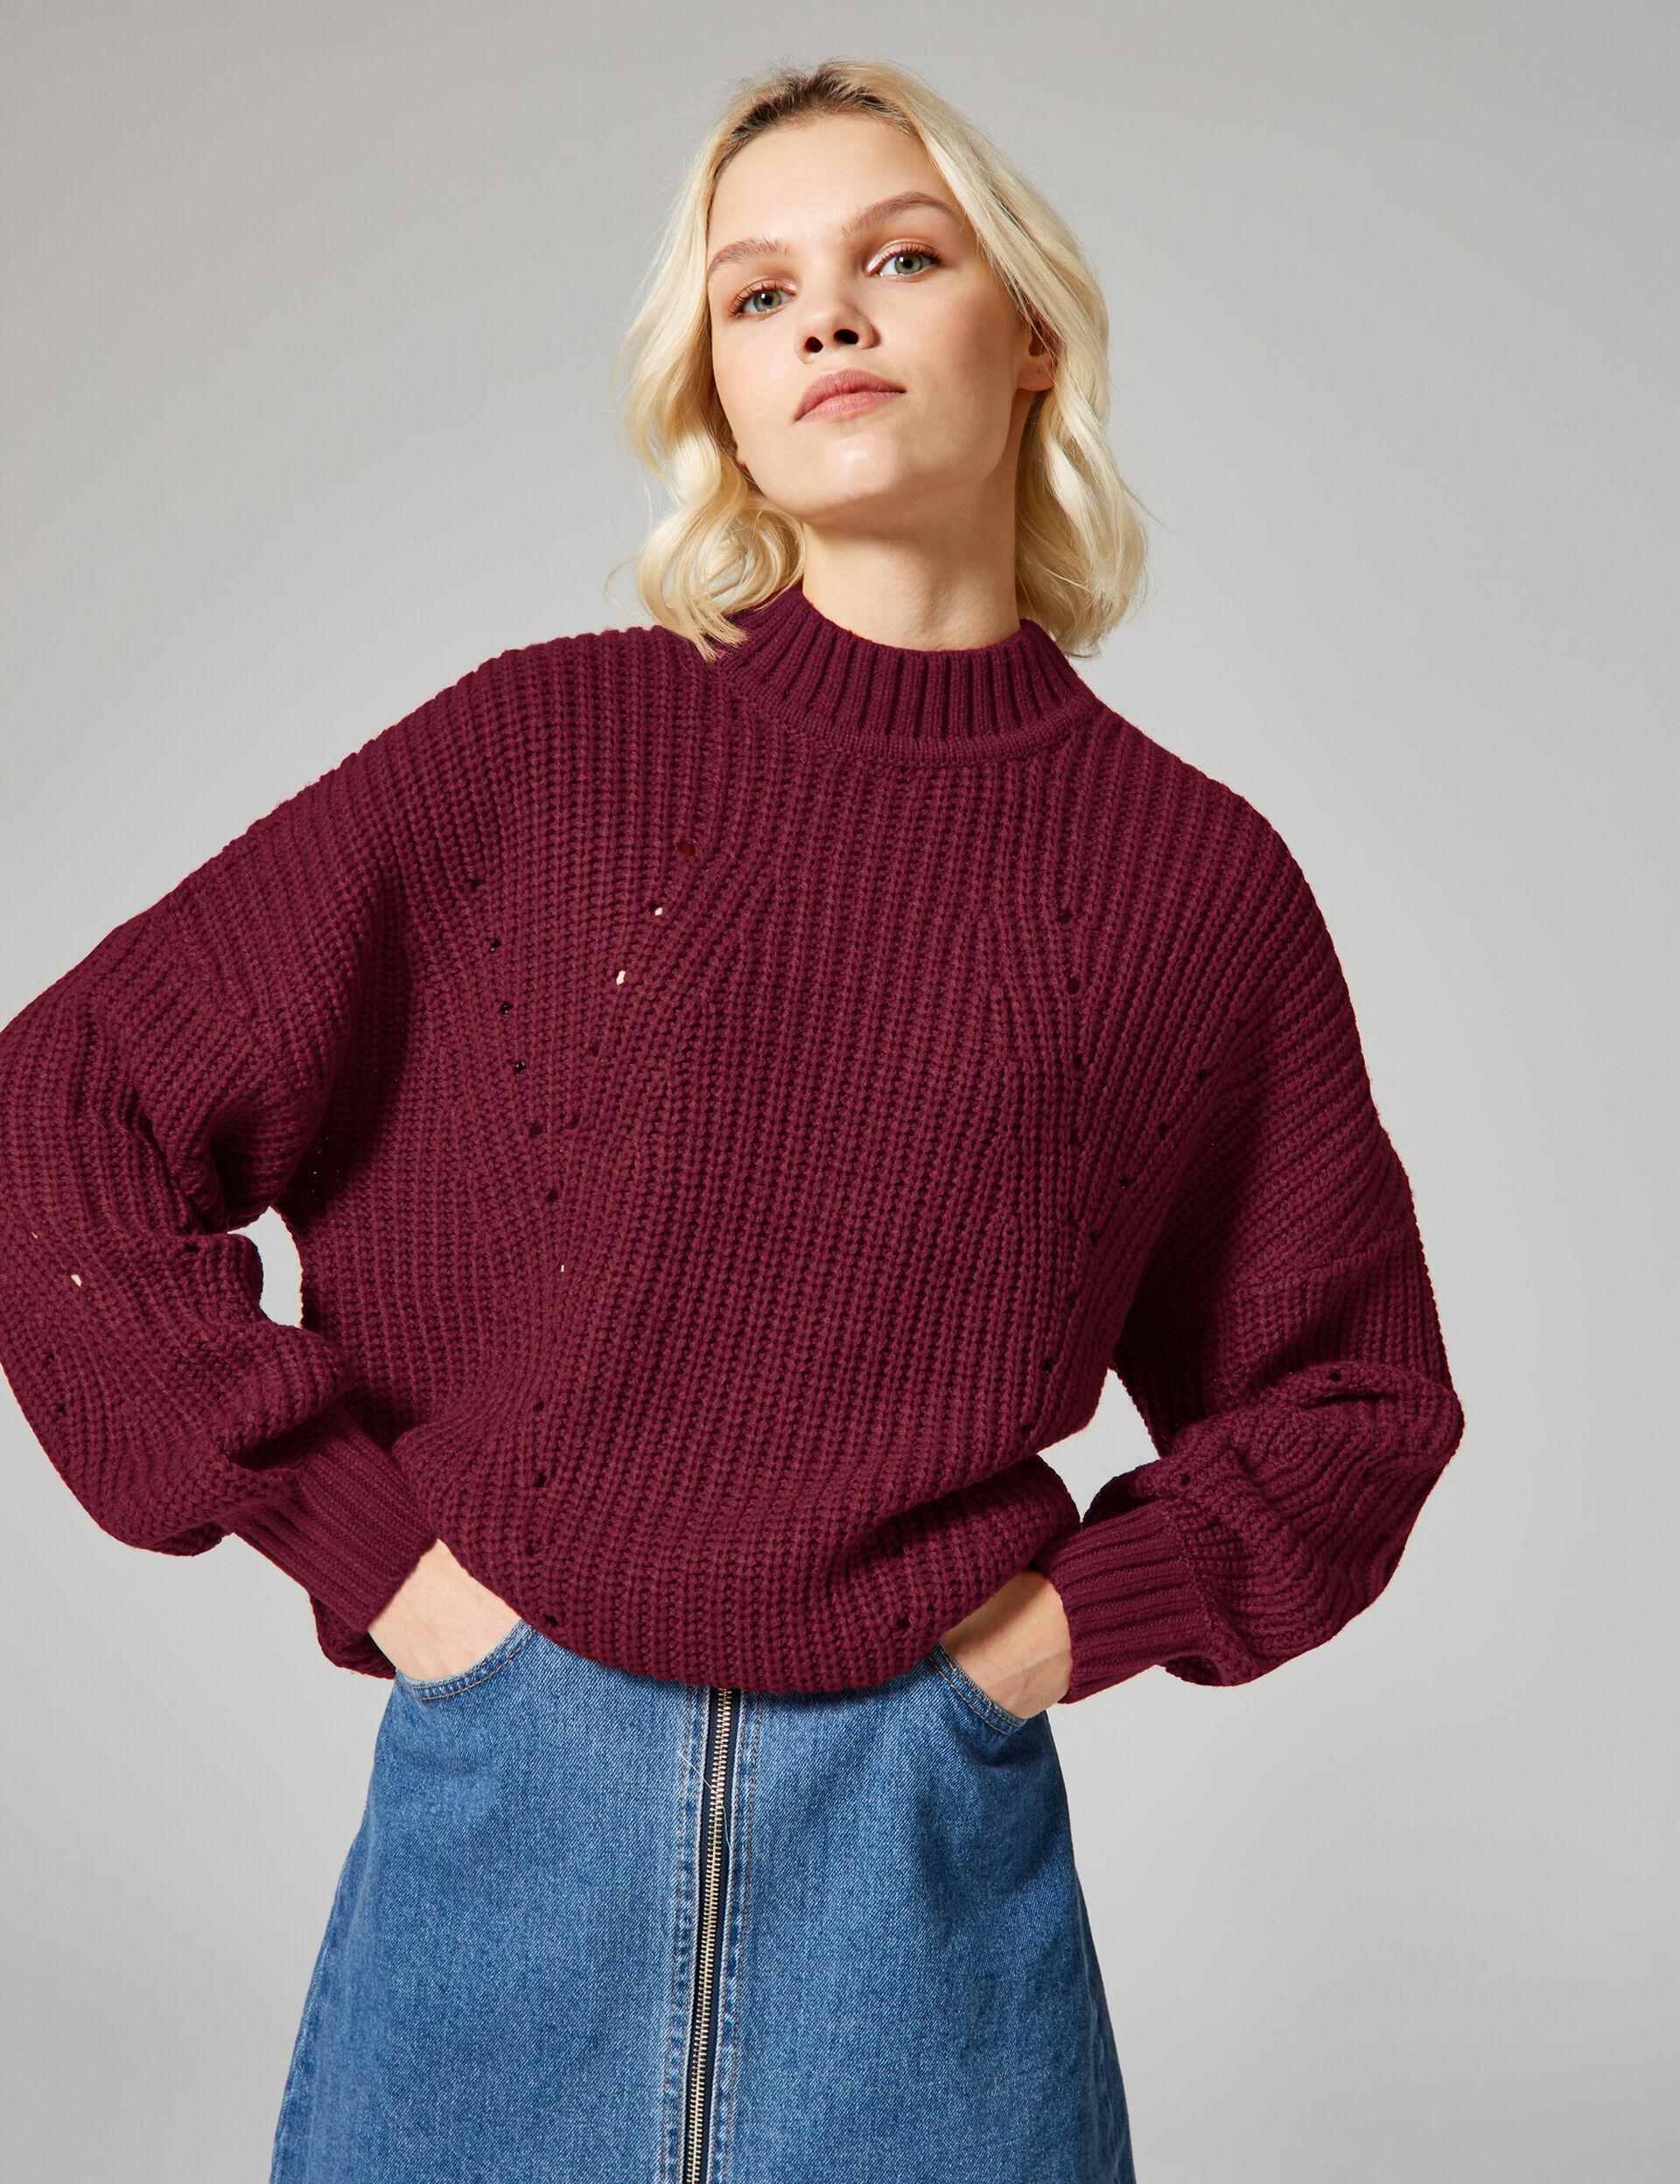 Burgundy openwork knit jumper